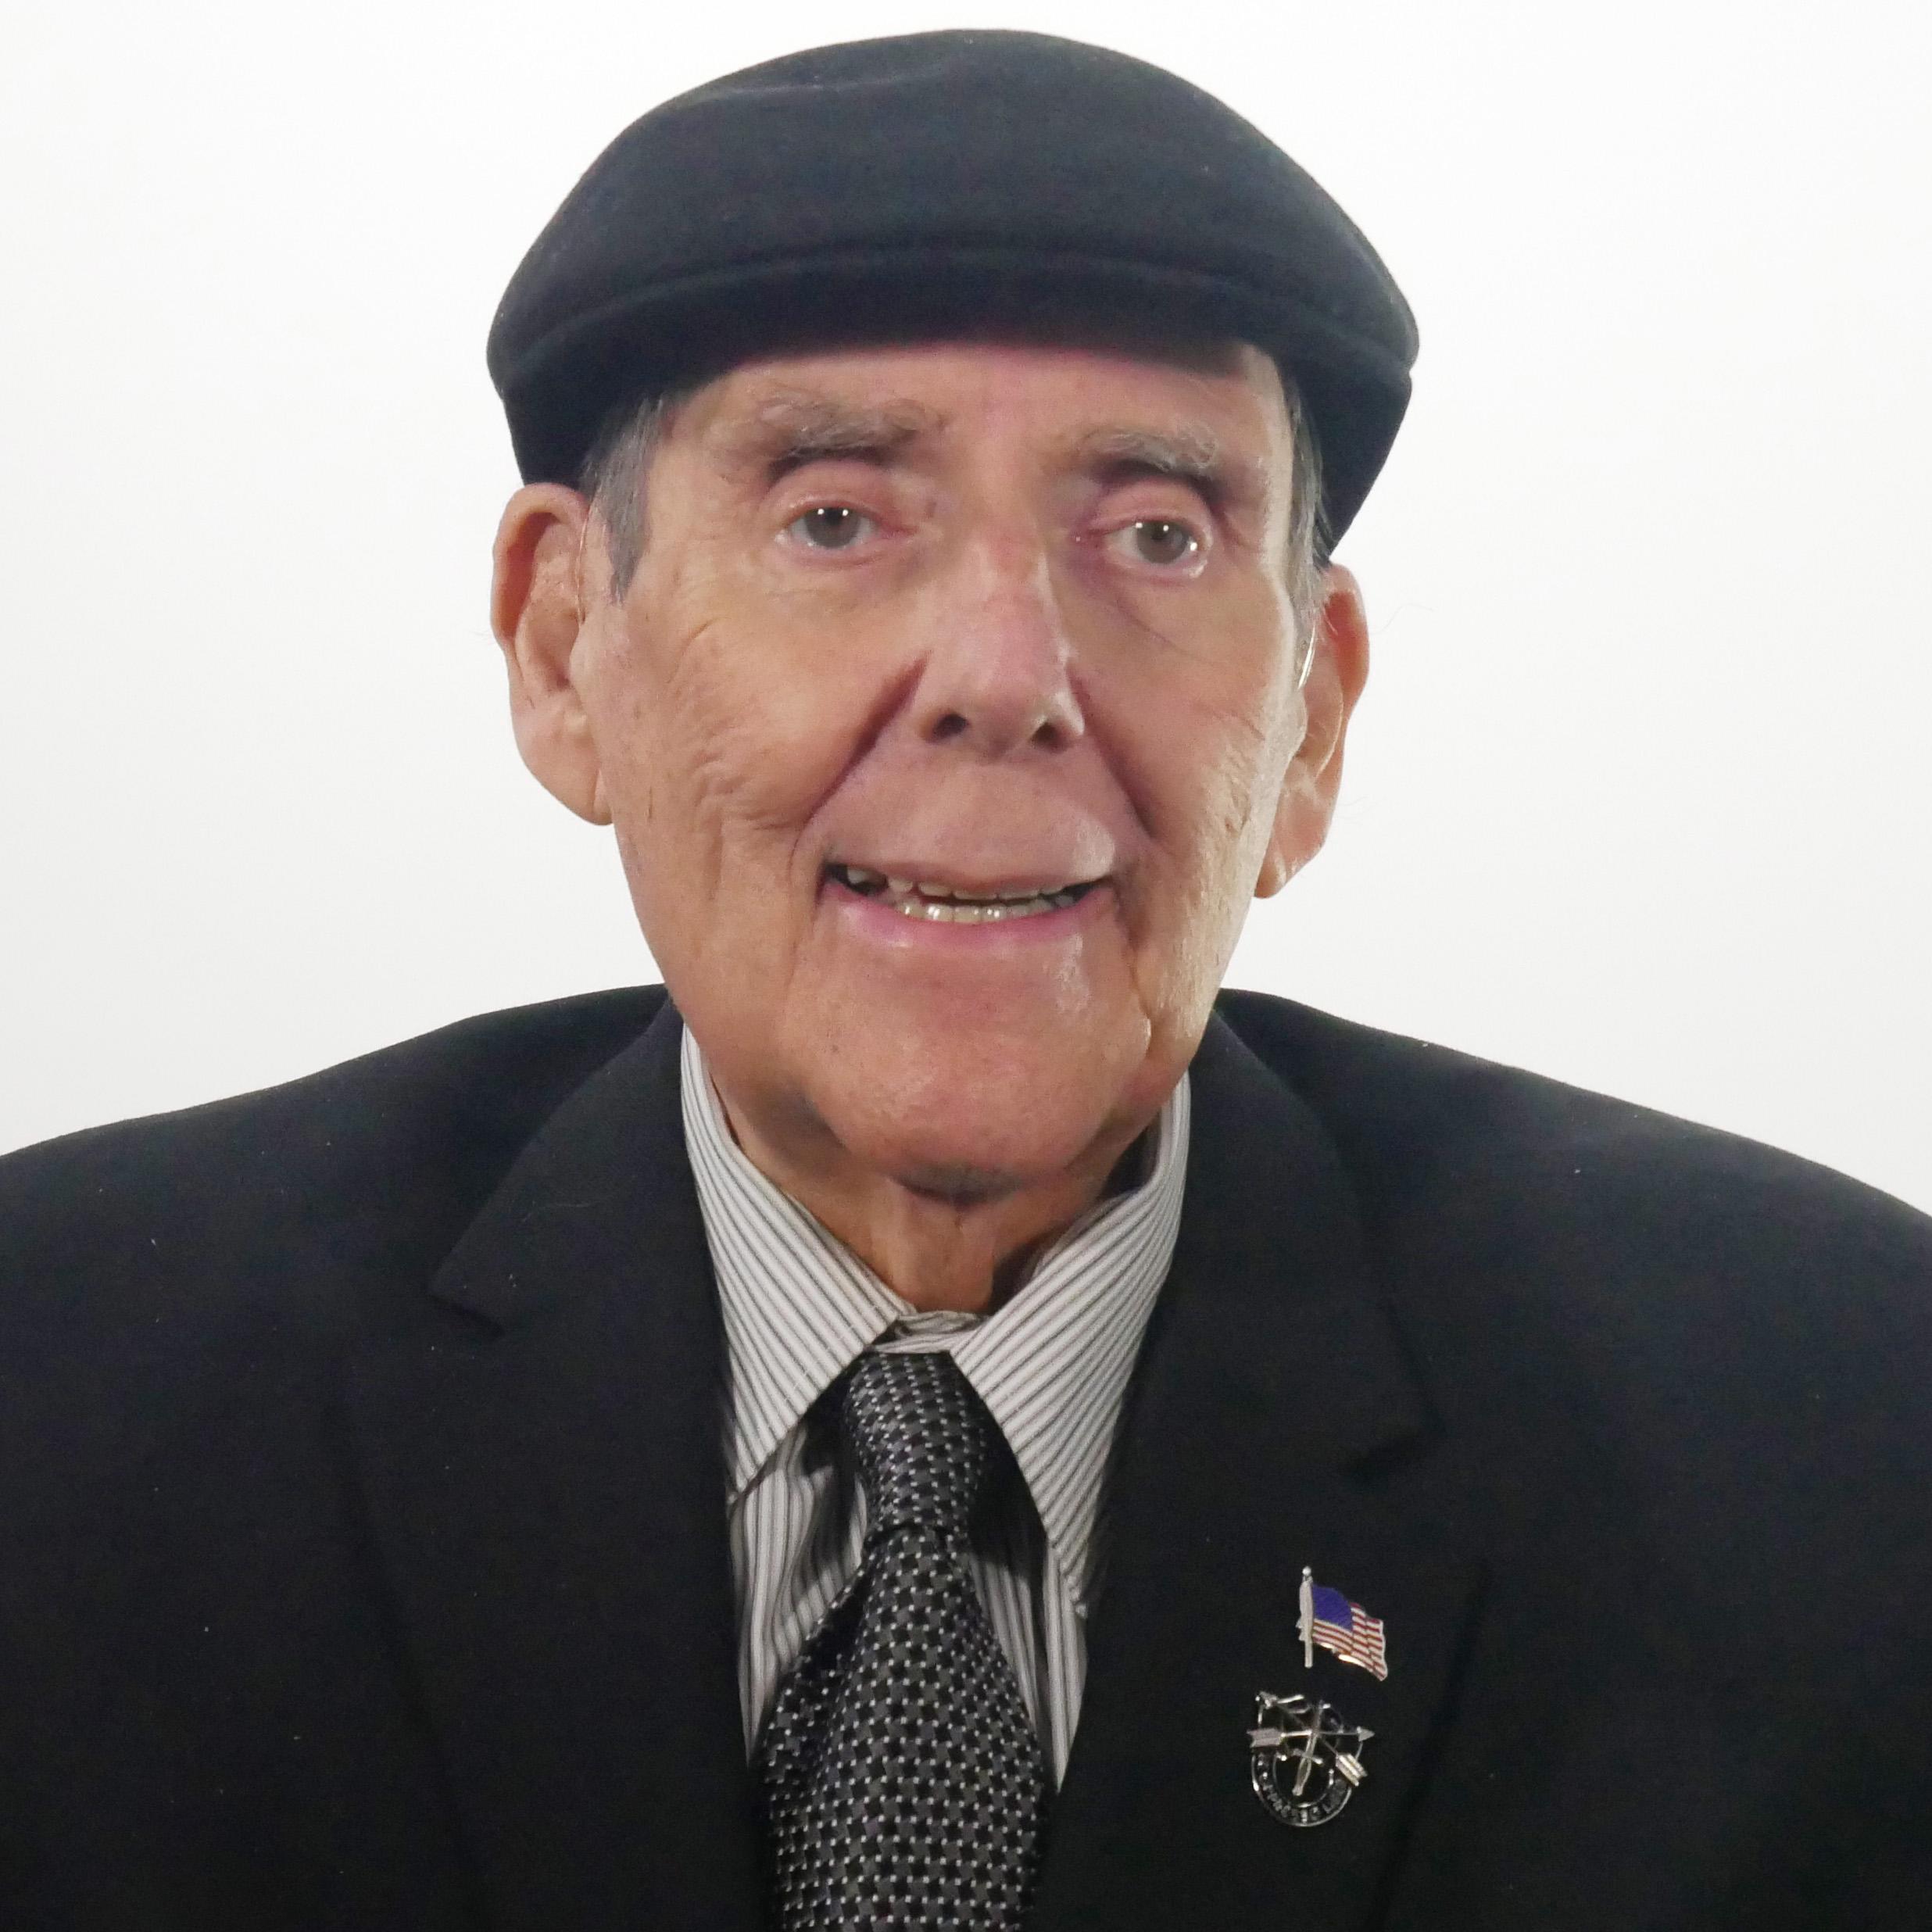 Bruce T. Clark